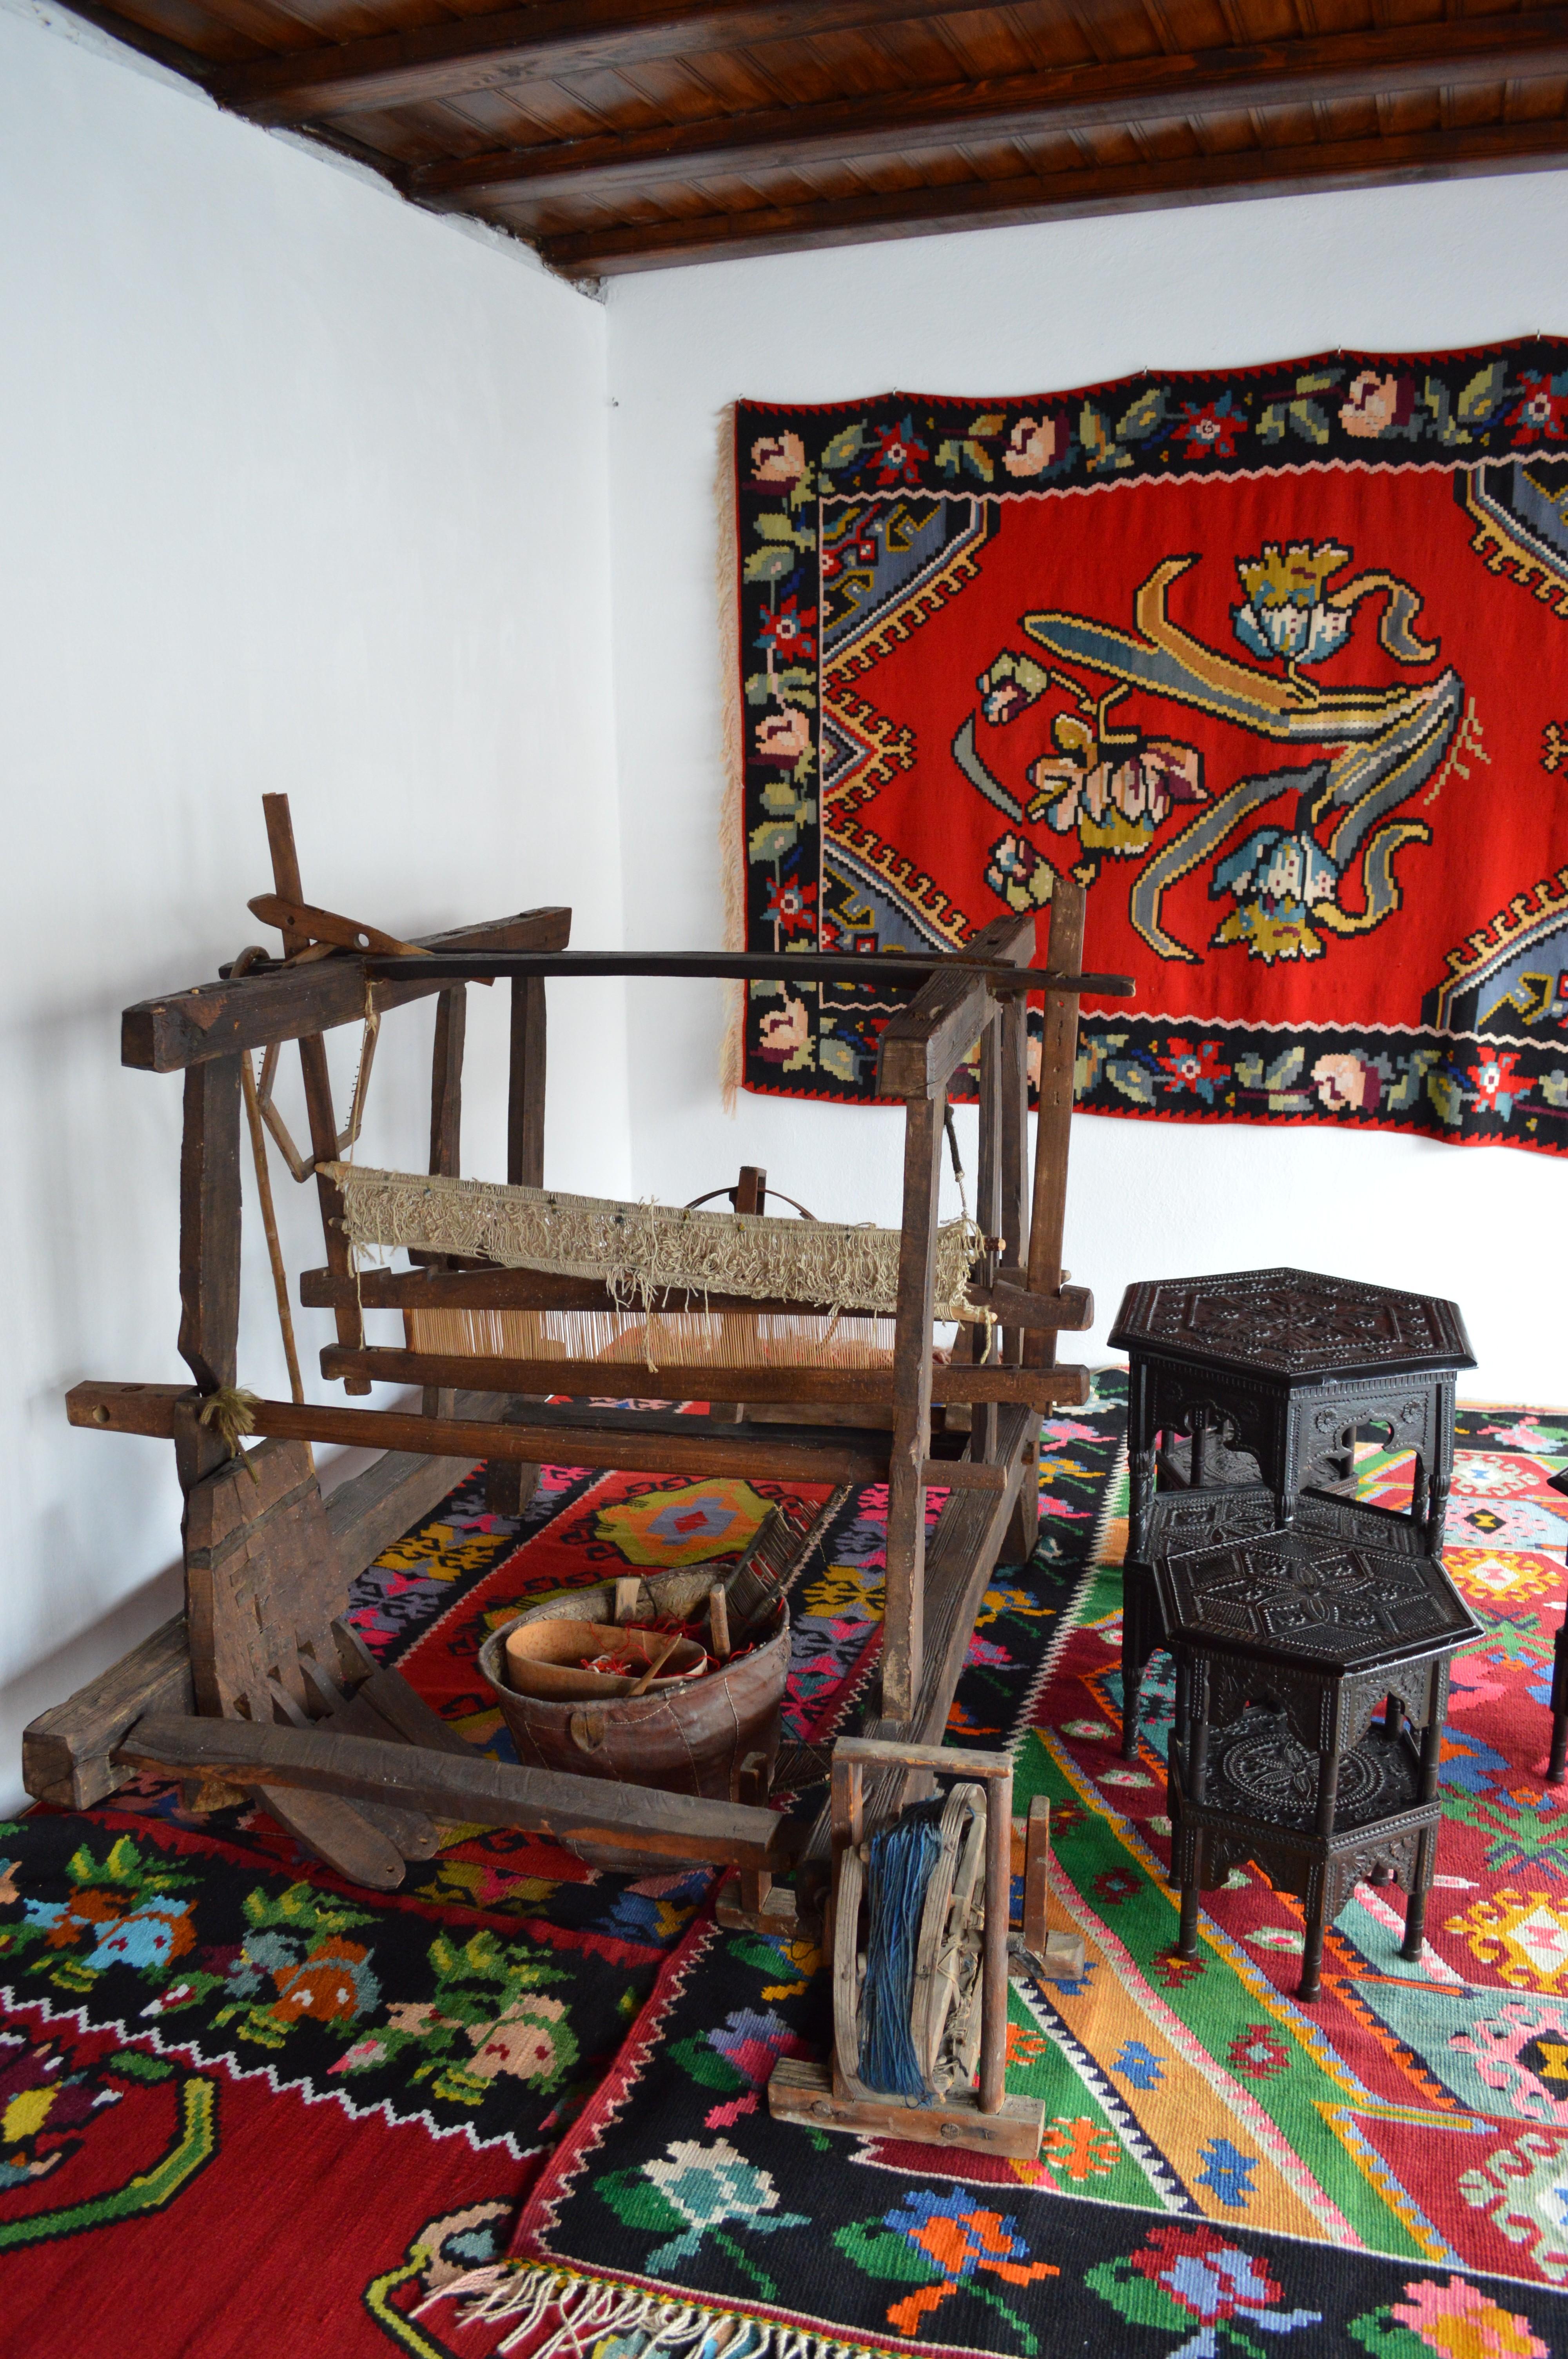 Turkish Home in Mostar, Bosnia - cultivatedrambler.com